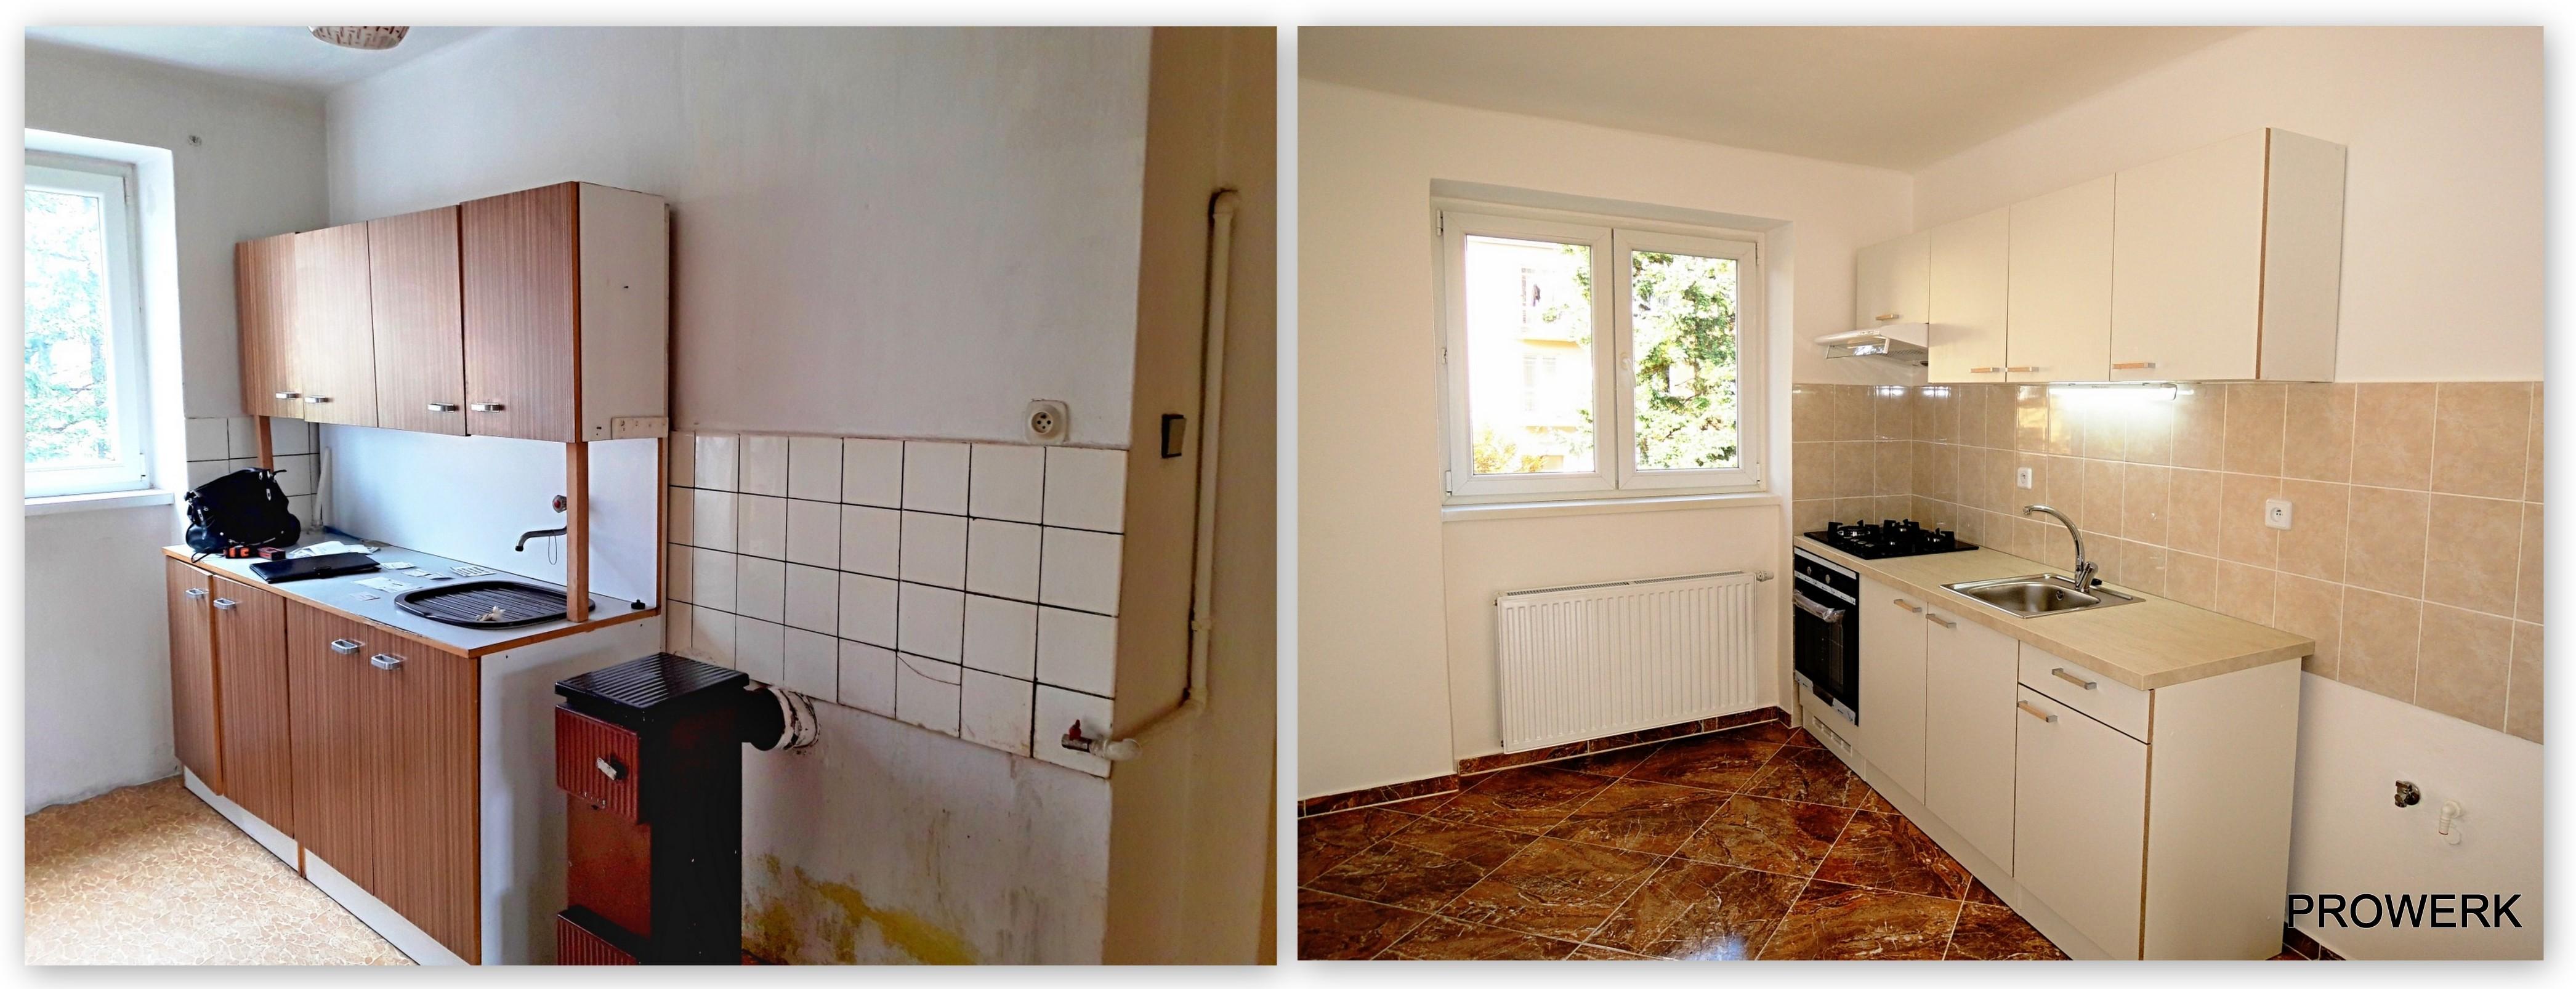 rekonstrukce_bytu_prowerk_kuchyne